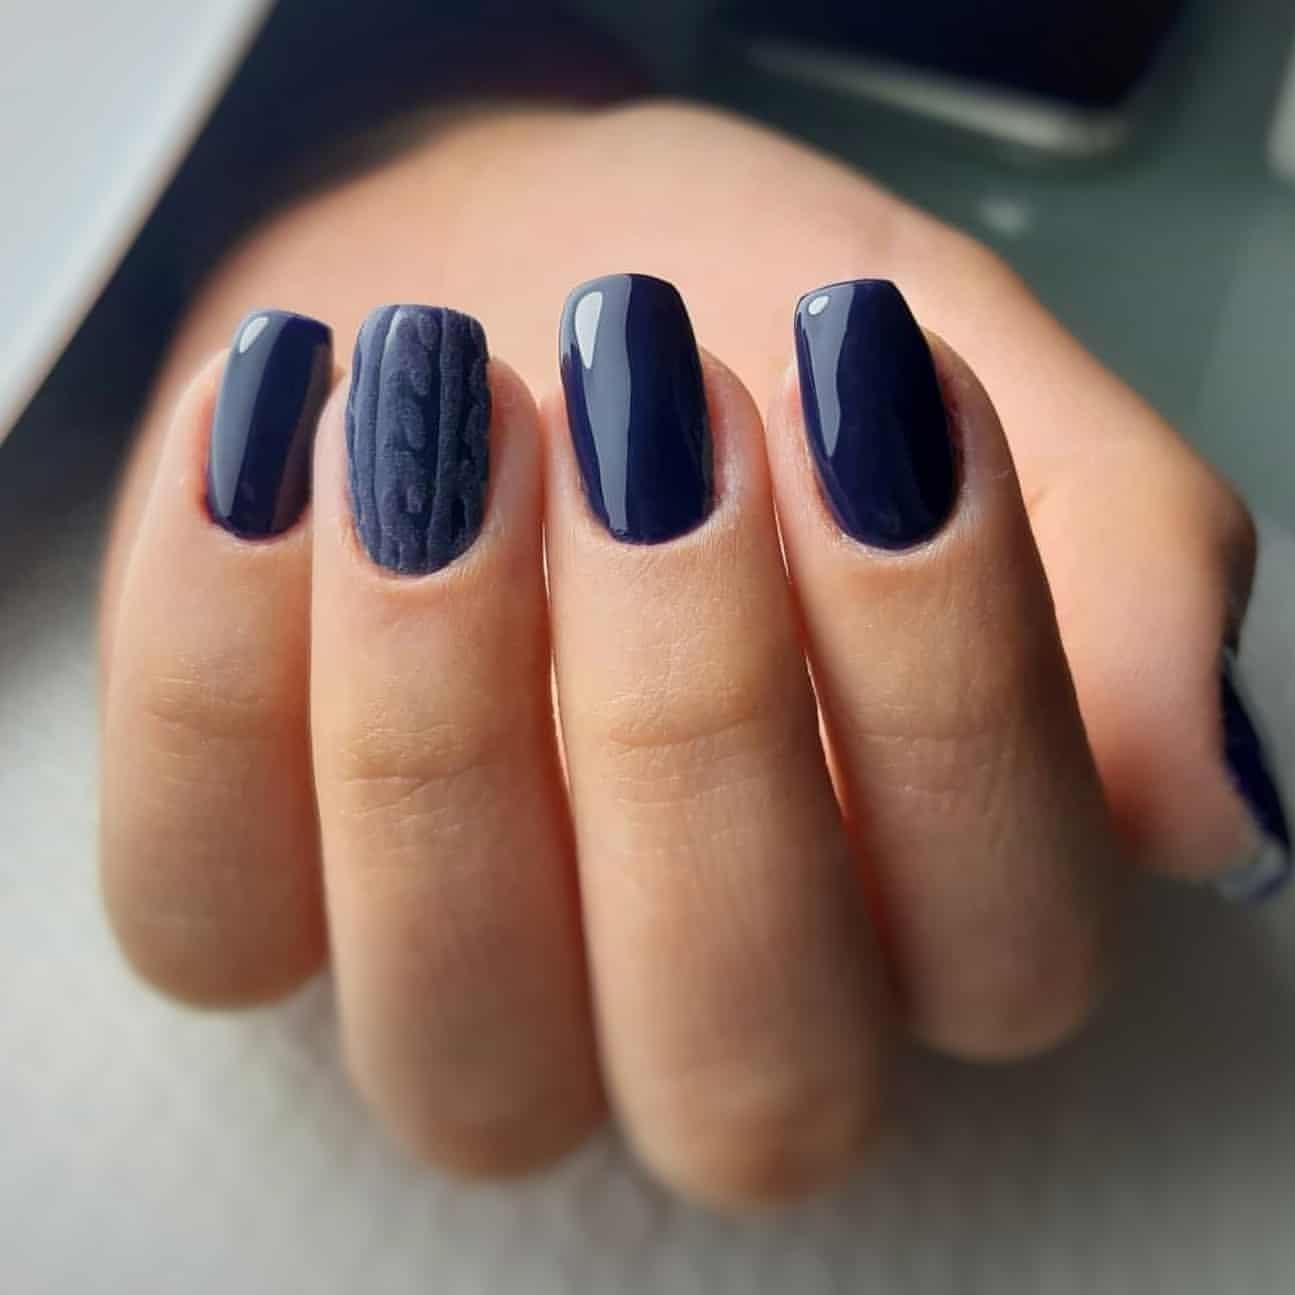 054 𝐌𝐈𝐀 𝐁𝐄𝐋𝐋𝐀 𝐏𝐫𝐨𝐟𝐞𝐬𝐬𝐢𝐨𝐧𝐚𝐥 כחול כהה